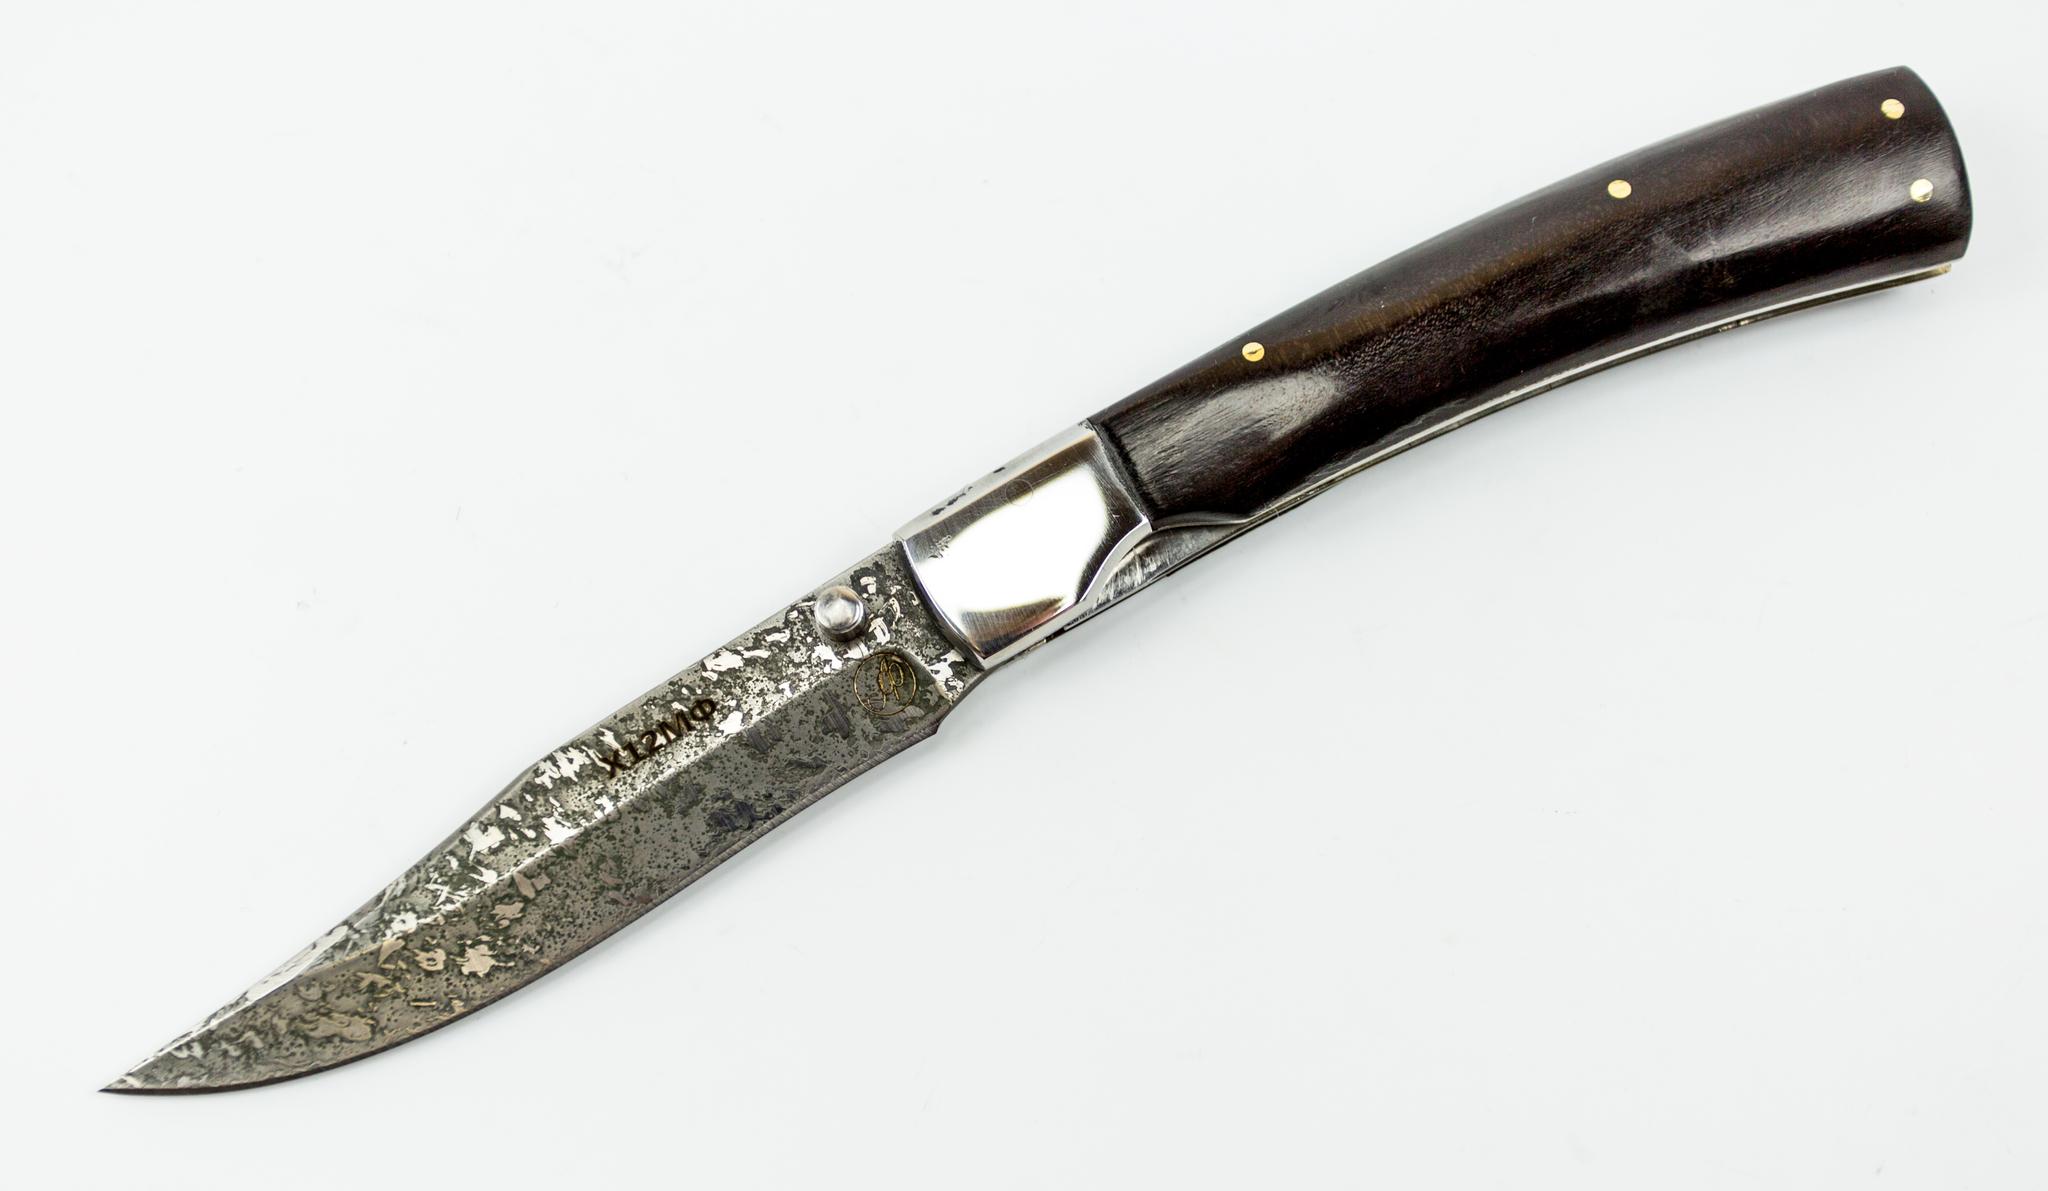 Складной нож Рысь-1, Х12МФРаскладные ножи<br>Складной нож Рысь-1 понравится тому, кто соскучился по настоящим мужским вещицам. Эта модель выполнена полностью ручным способом. Клинок ножа изготовлен из кованой стали Х12МФ, которая по своей твердости сопоставима с литым булатом. Клинок покрыт травлением, благодаря чему приобрел стильный и необычный узор. Узор на клинке отлично сочетается с накладками из натуральной древесины. В комплекте с ножом идет удобный кожаный чехол для ношения на поясе. Среди прочих удобств стоит отметить шпенек для моментального открывания одной рукой. Чтобы ни случилось, вы всегда сможете быстро достать и открыть свой нож.<br>Общая длина мм: 220Длина клинка мм: 98Ширина клинка мм: 20Толщина клинка мм: 2.0- 2.4Твердость клинка по шкале HRC: 61-62Тип стали: сталь Х12МФРукоять: Чёрный грабНожны: Натуральная кожа.Комплектация: нож, ножны, сертификат.<br>Смотреть все складные ножи.<br>